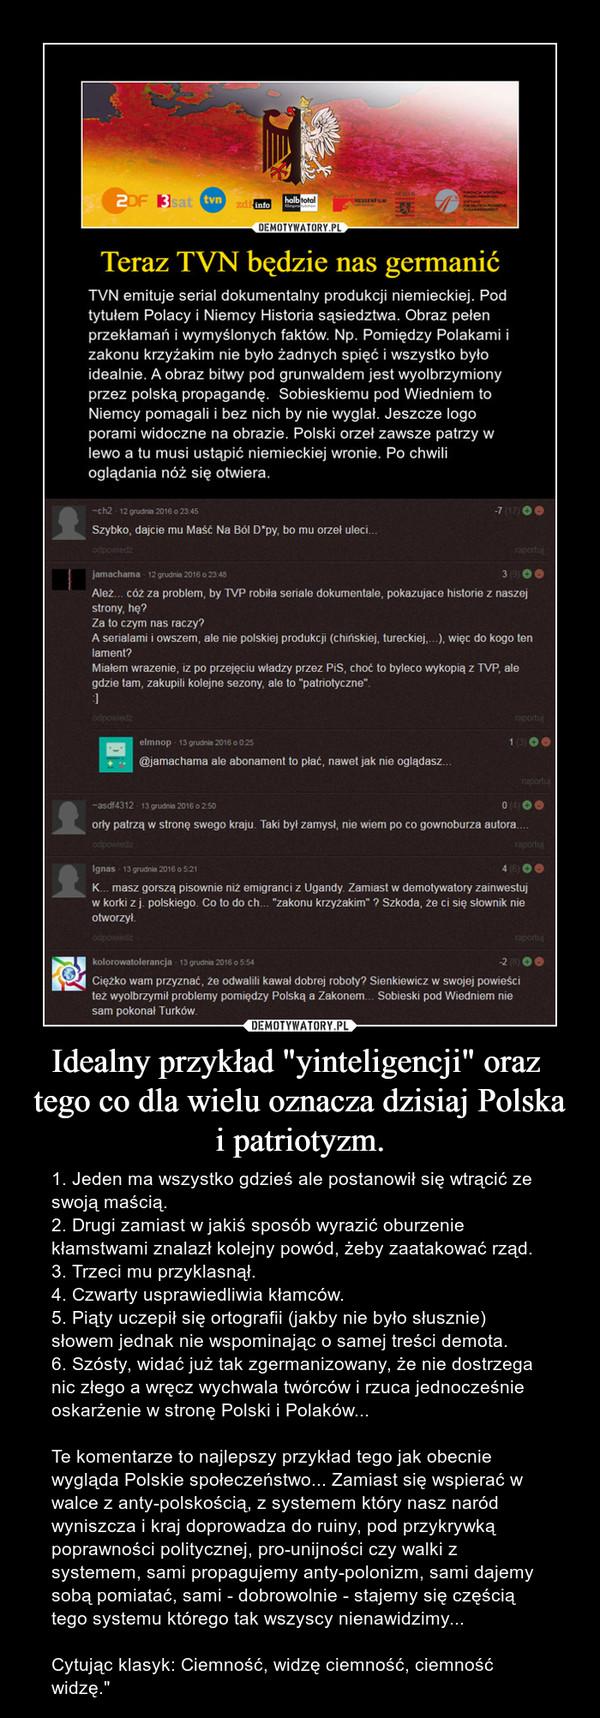 """Idealny przykład """"yinteligencji"""" oraz  tego co dla wielu oznacza dzisiaj Polska i patriotyzm. – 1. Jeden ma wszystko gdzieś ale postanowił się wtrącić ze swoją maścią.2. Drugi zamiast w jakiś sposób wyrazić oburzenie kłamstwami znalazł kolejny powód, żeby zaatakować rząd.3. Trzeci mu przyklasnął.4. Czwarty usprawiedliwia kłamców.5. Piąty uczepił się ortografii (jakby nie było słusznie) słowem jednak nie wspominając o samej treści demota.6. Szósty, widać już tak zgermanizowany, że nie dostrzega nic złego a wręcz wychwala twórców i rzuca jednocześnie oskarżenie w stronę Polski i Polaków...Te komentarze to najlepszy przykład tego jak obecnie wygląda Polskie społeczeństwo... Zamiast się wspierać w walce z anty-polskością, z systemem który nasz naród wyniszcza i kraj doprowadza do ruiny, pod przykrywką poprawności politycznej, pro-unijności czy walki z systemem, sami propagujemy anty-polonizm, sami dajemy sobą pomiatać, sami - dobrowolnie - stajemy się częścią tego systemu którego tak wszyscy nienawidzimy...Cytując klasyk: Ciemność, widzę ciemność, ciemność widzę."""""""